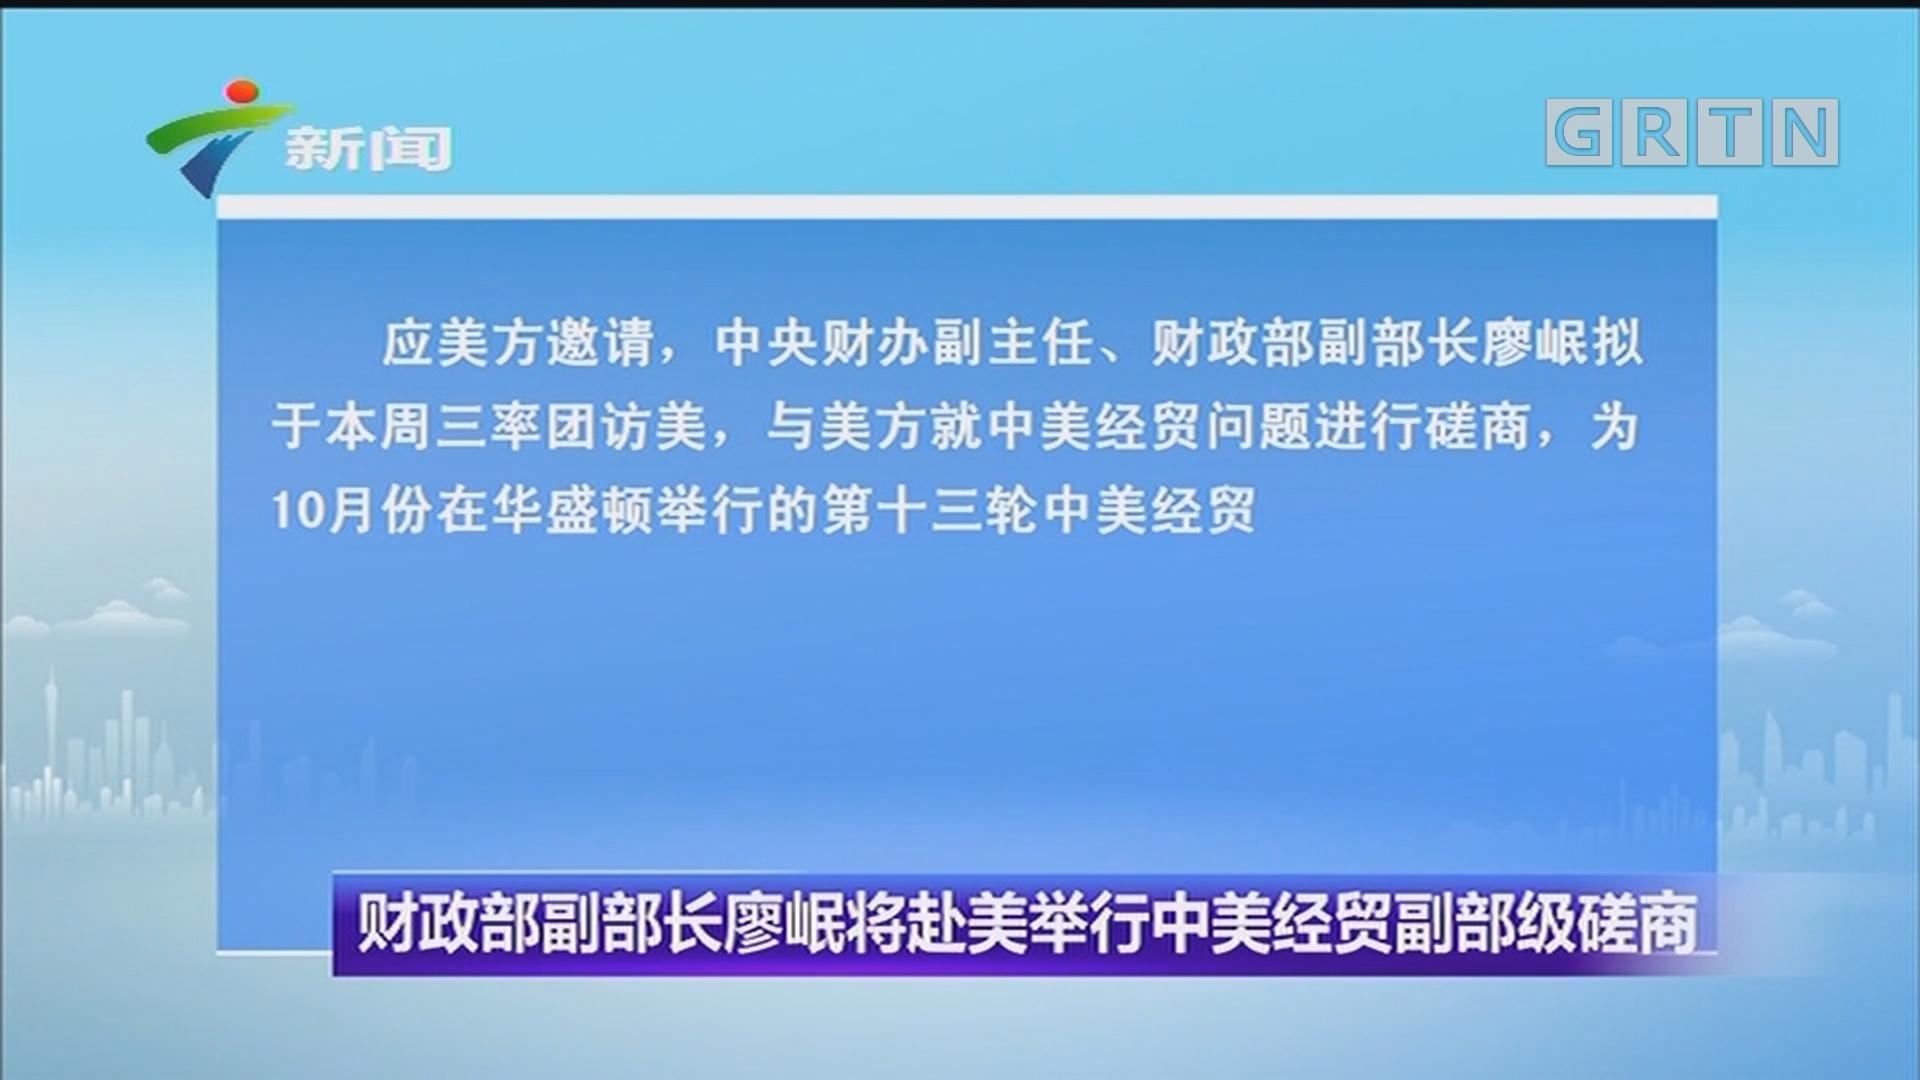 财政部副部长廖岷将赴美举行中美经贸副部级磋商